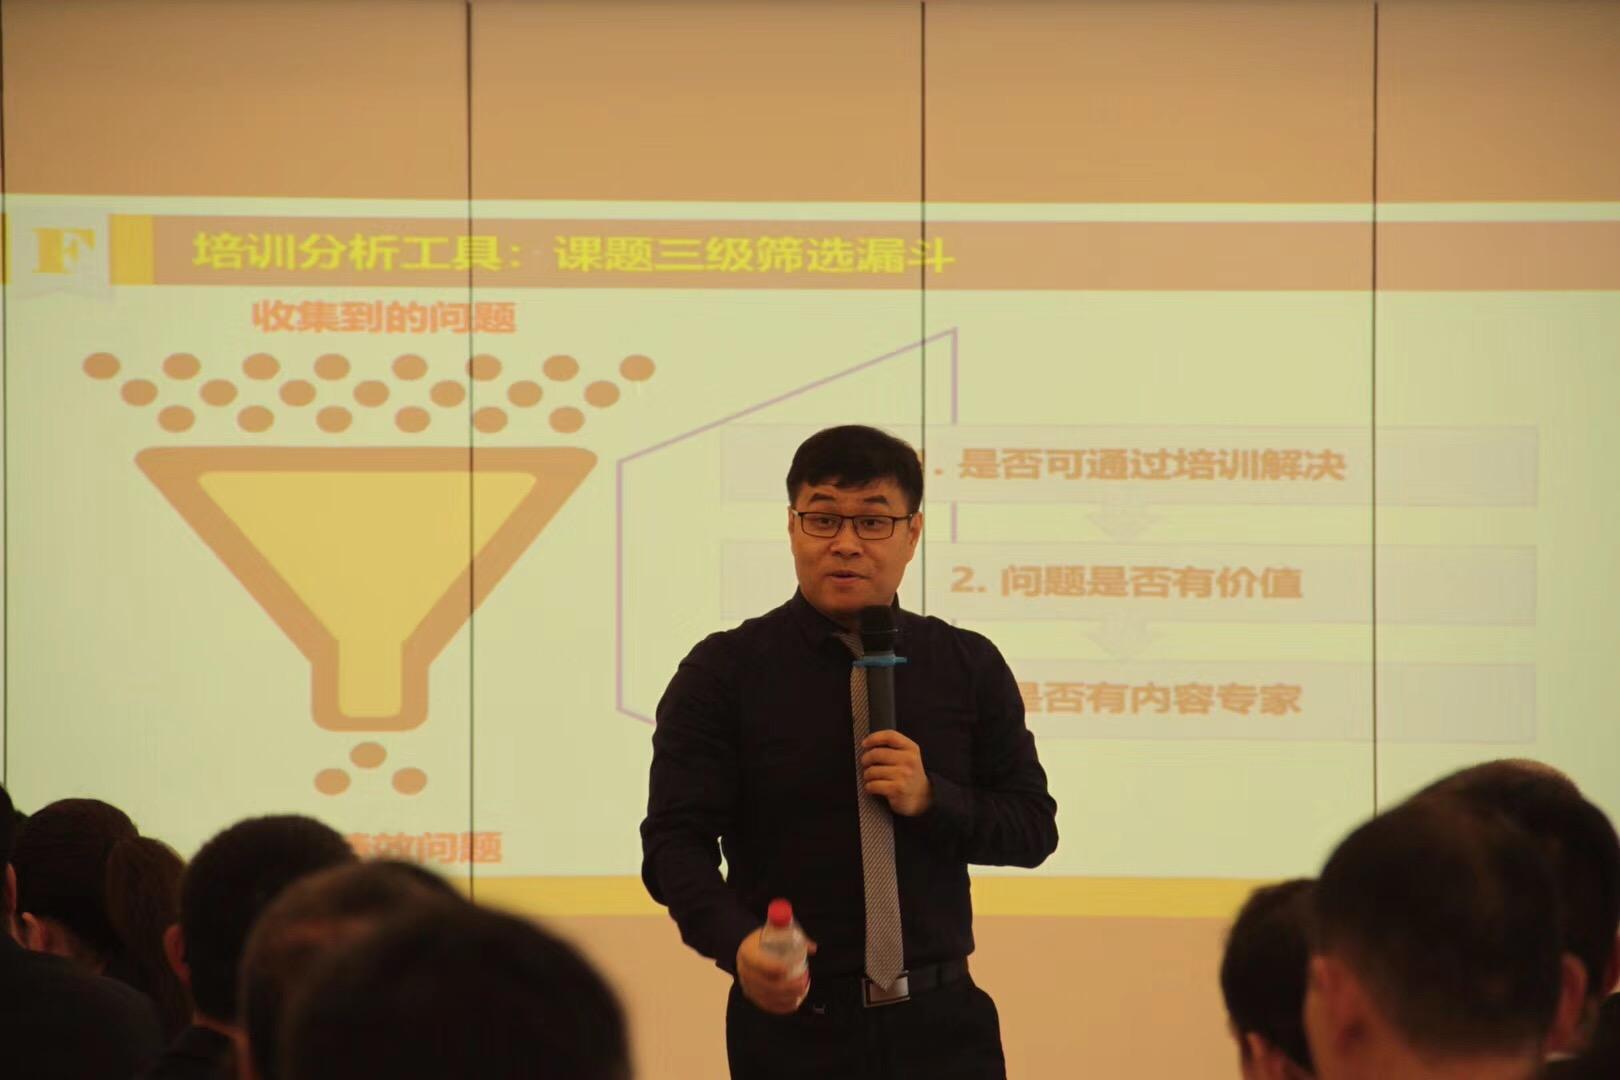 亚新物业《FAST高效课程开发》 培训师邱伟